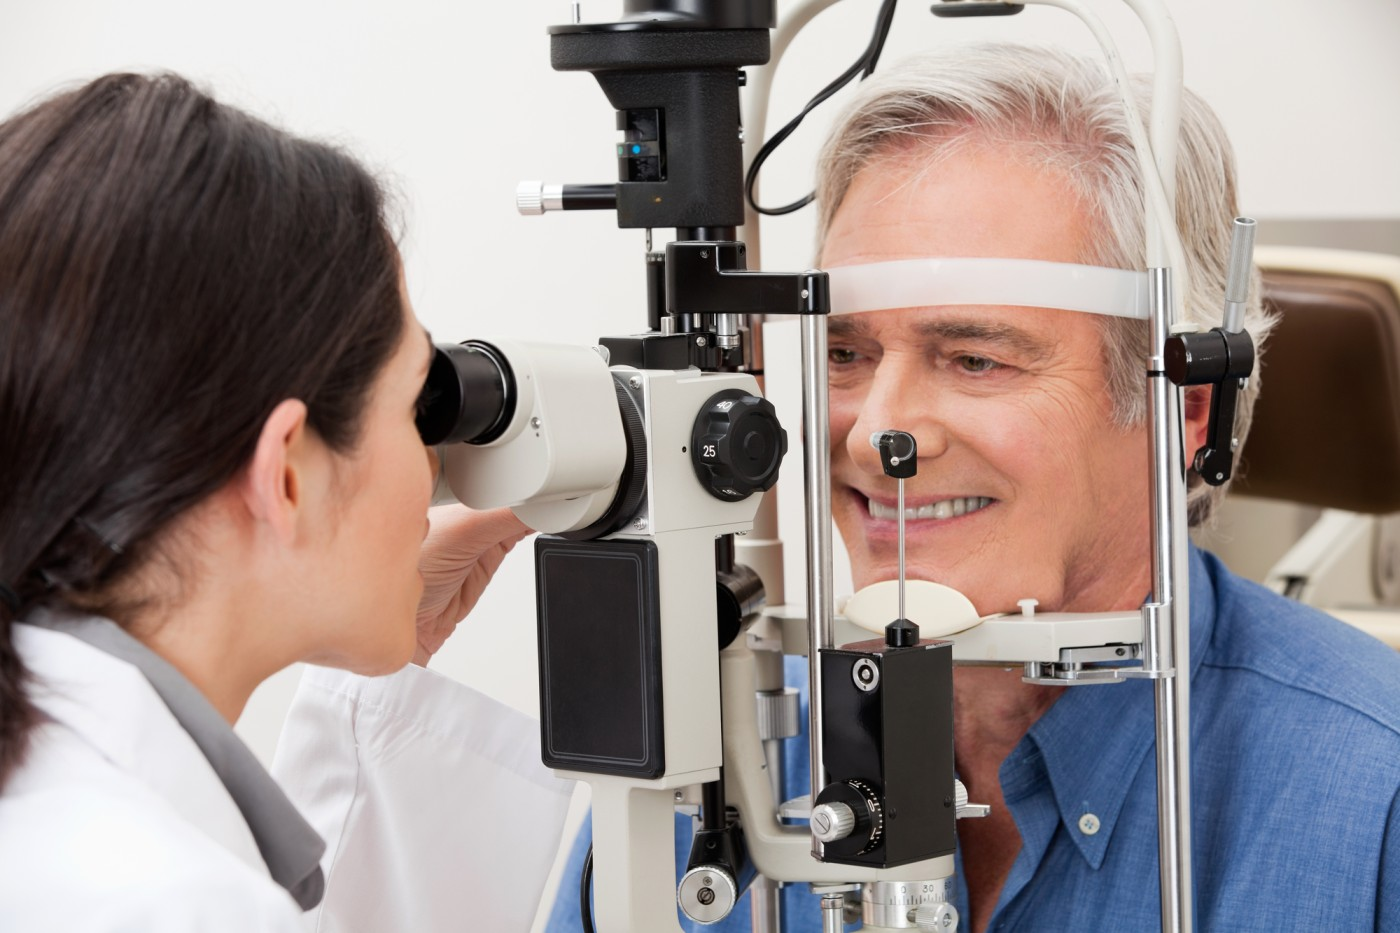 בדיקת שדה ראיה